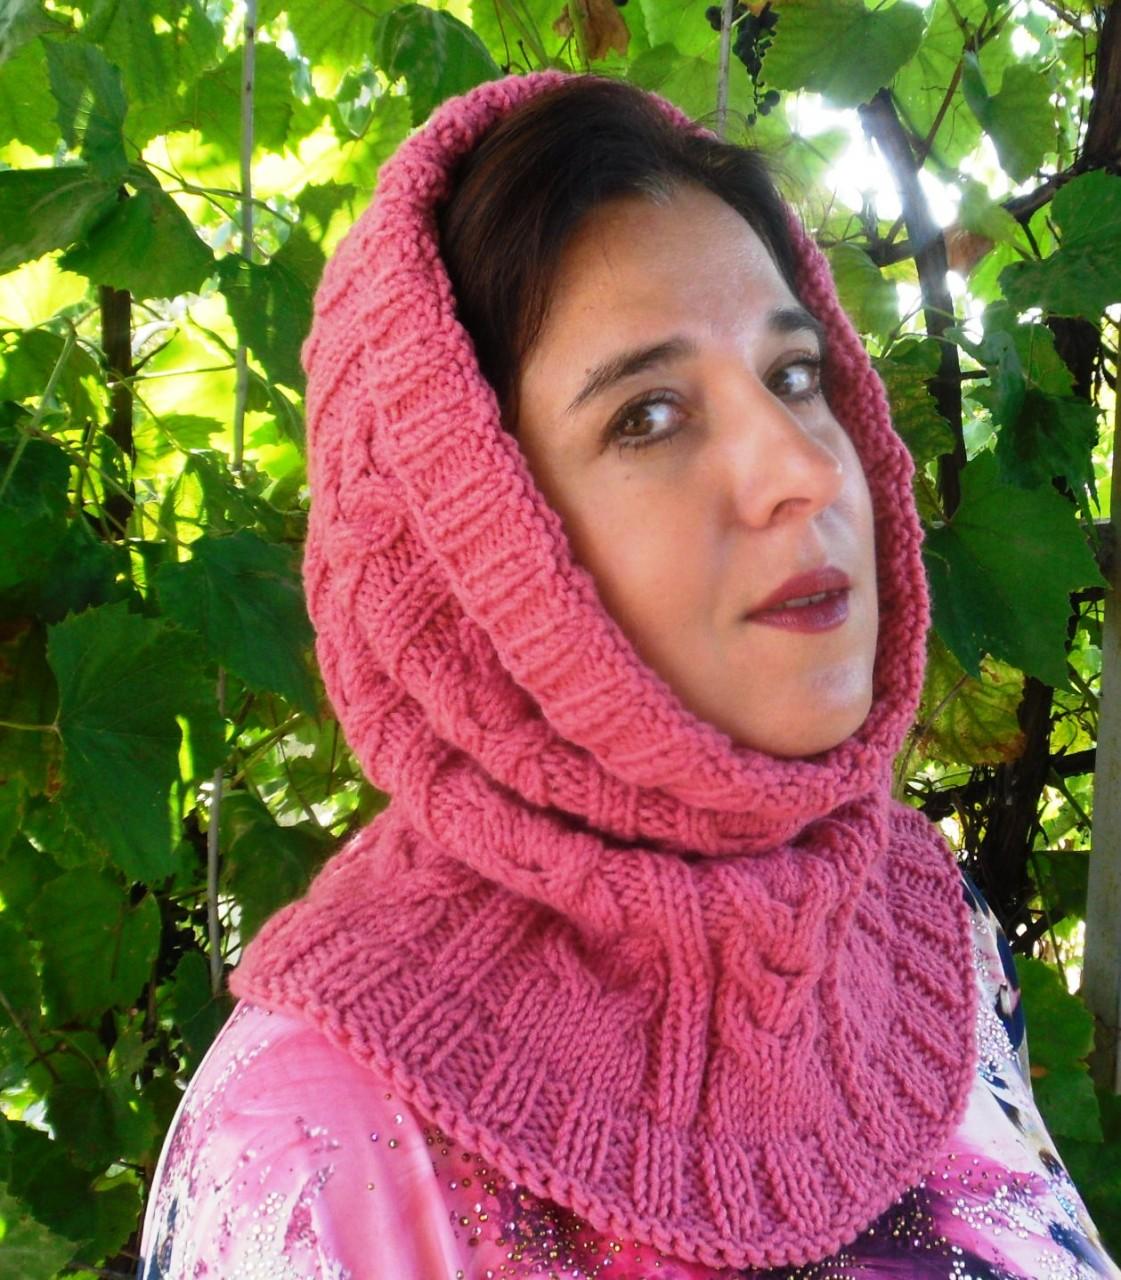 Вязание женского капора с «косами». Мастер-класс